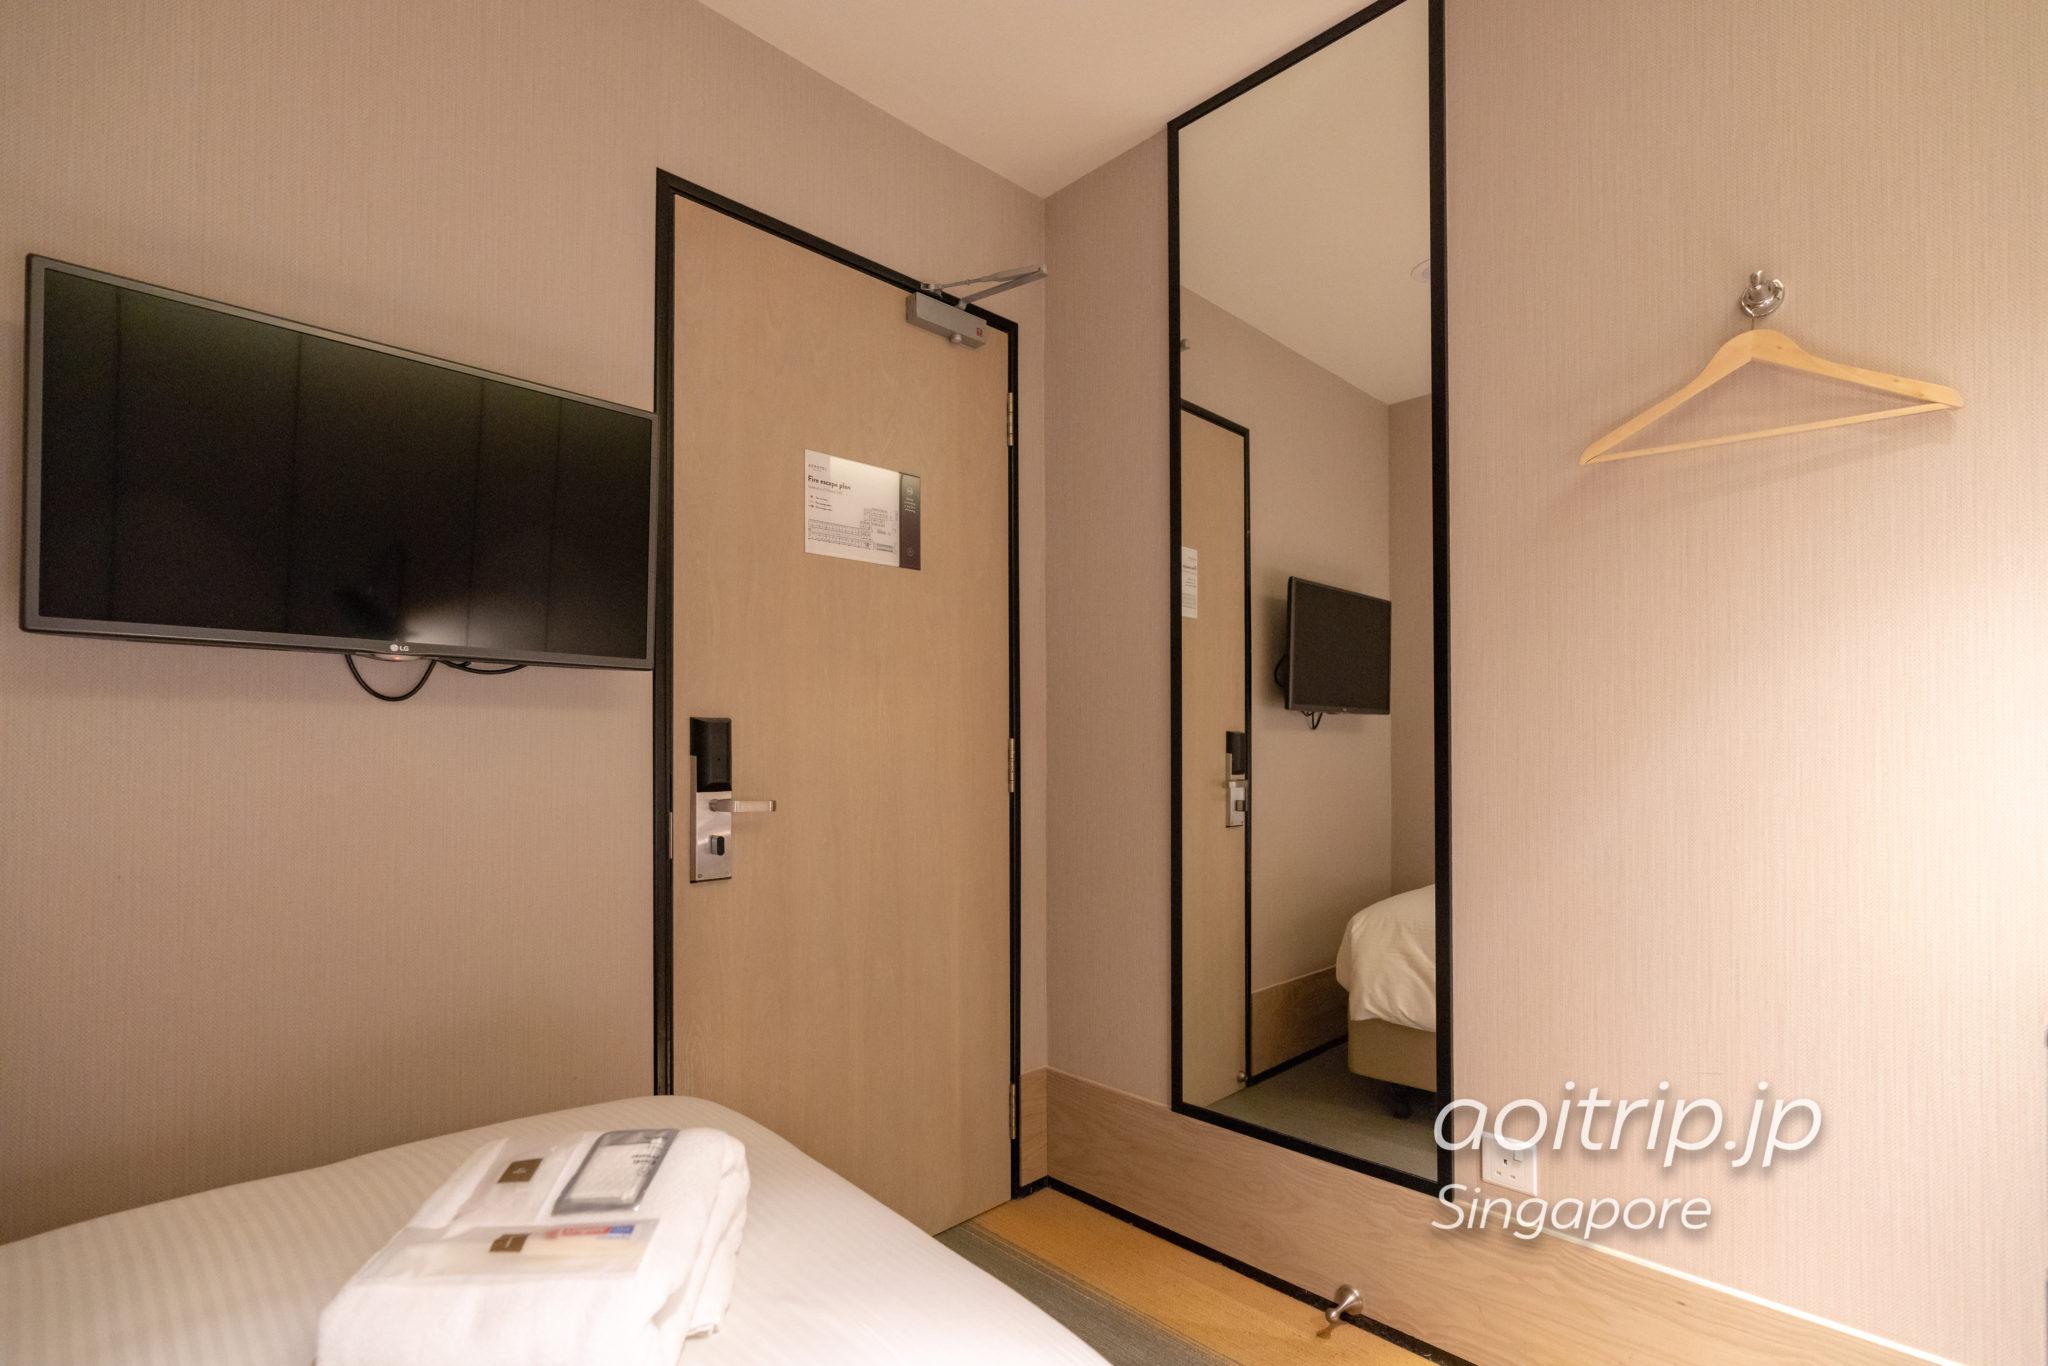 シンガポールチャンギ国際空港 アエロテルトランジットホテルのソロルーム